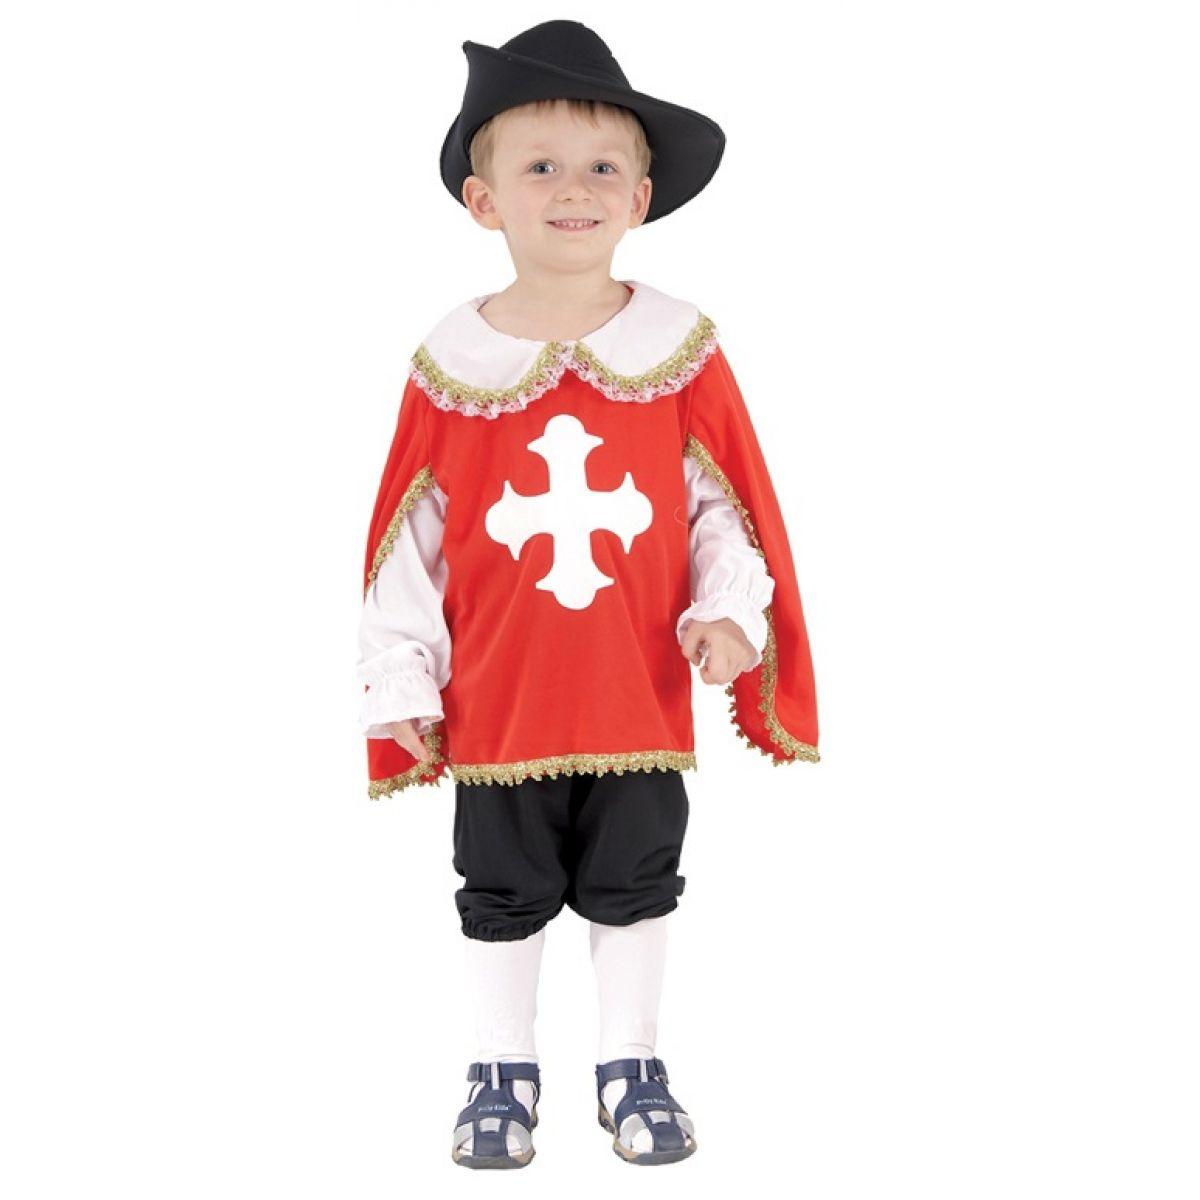 HM Studio Dětský kostým Mušketýr 92 - 104 cm  c56f983a80